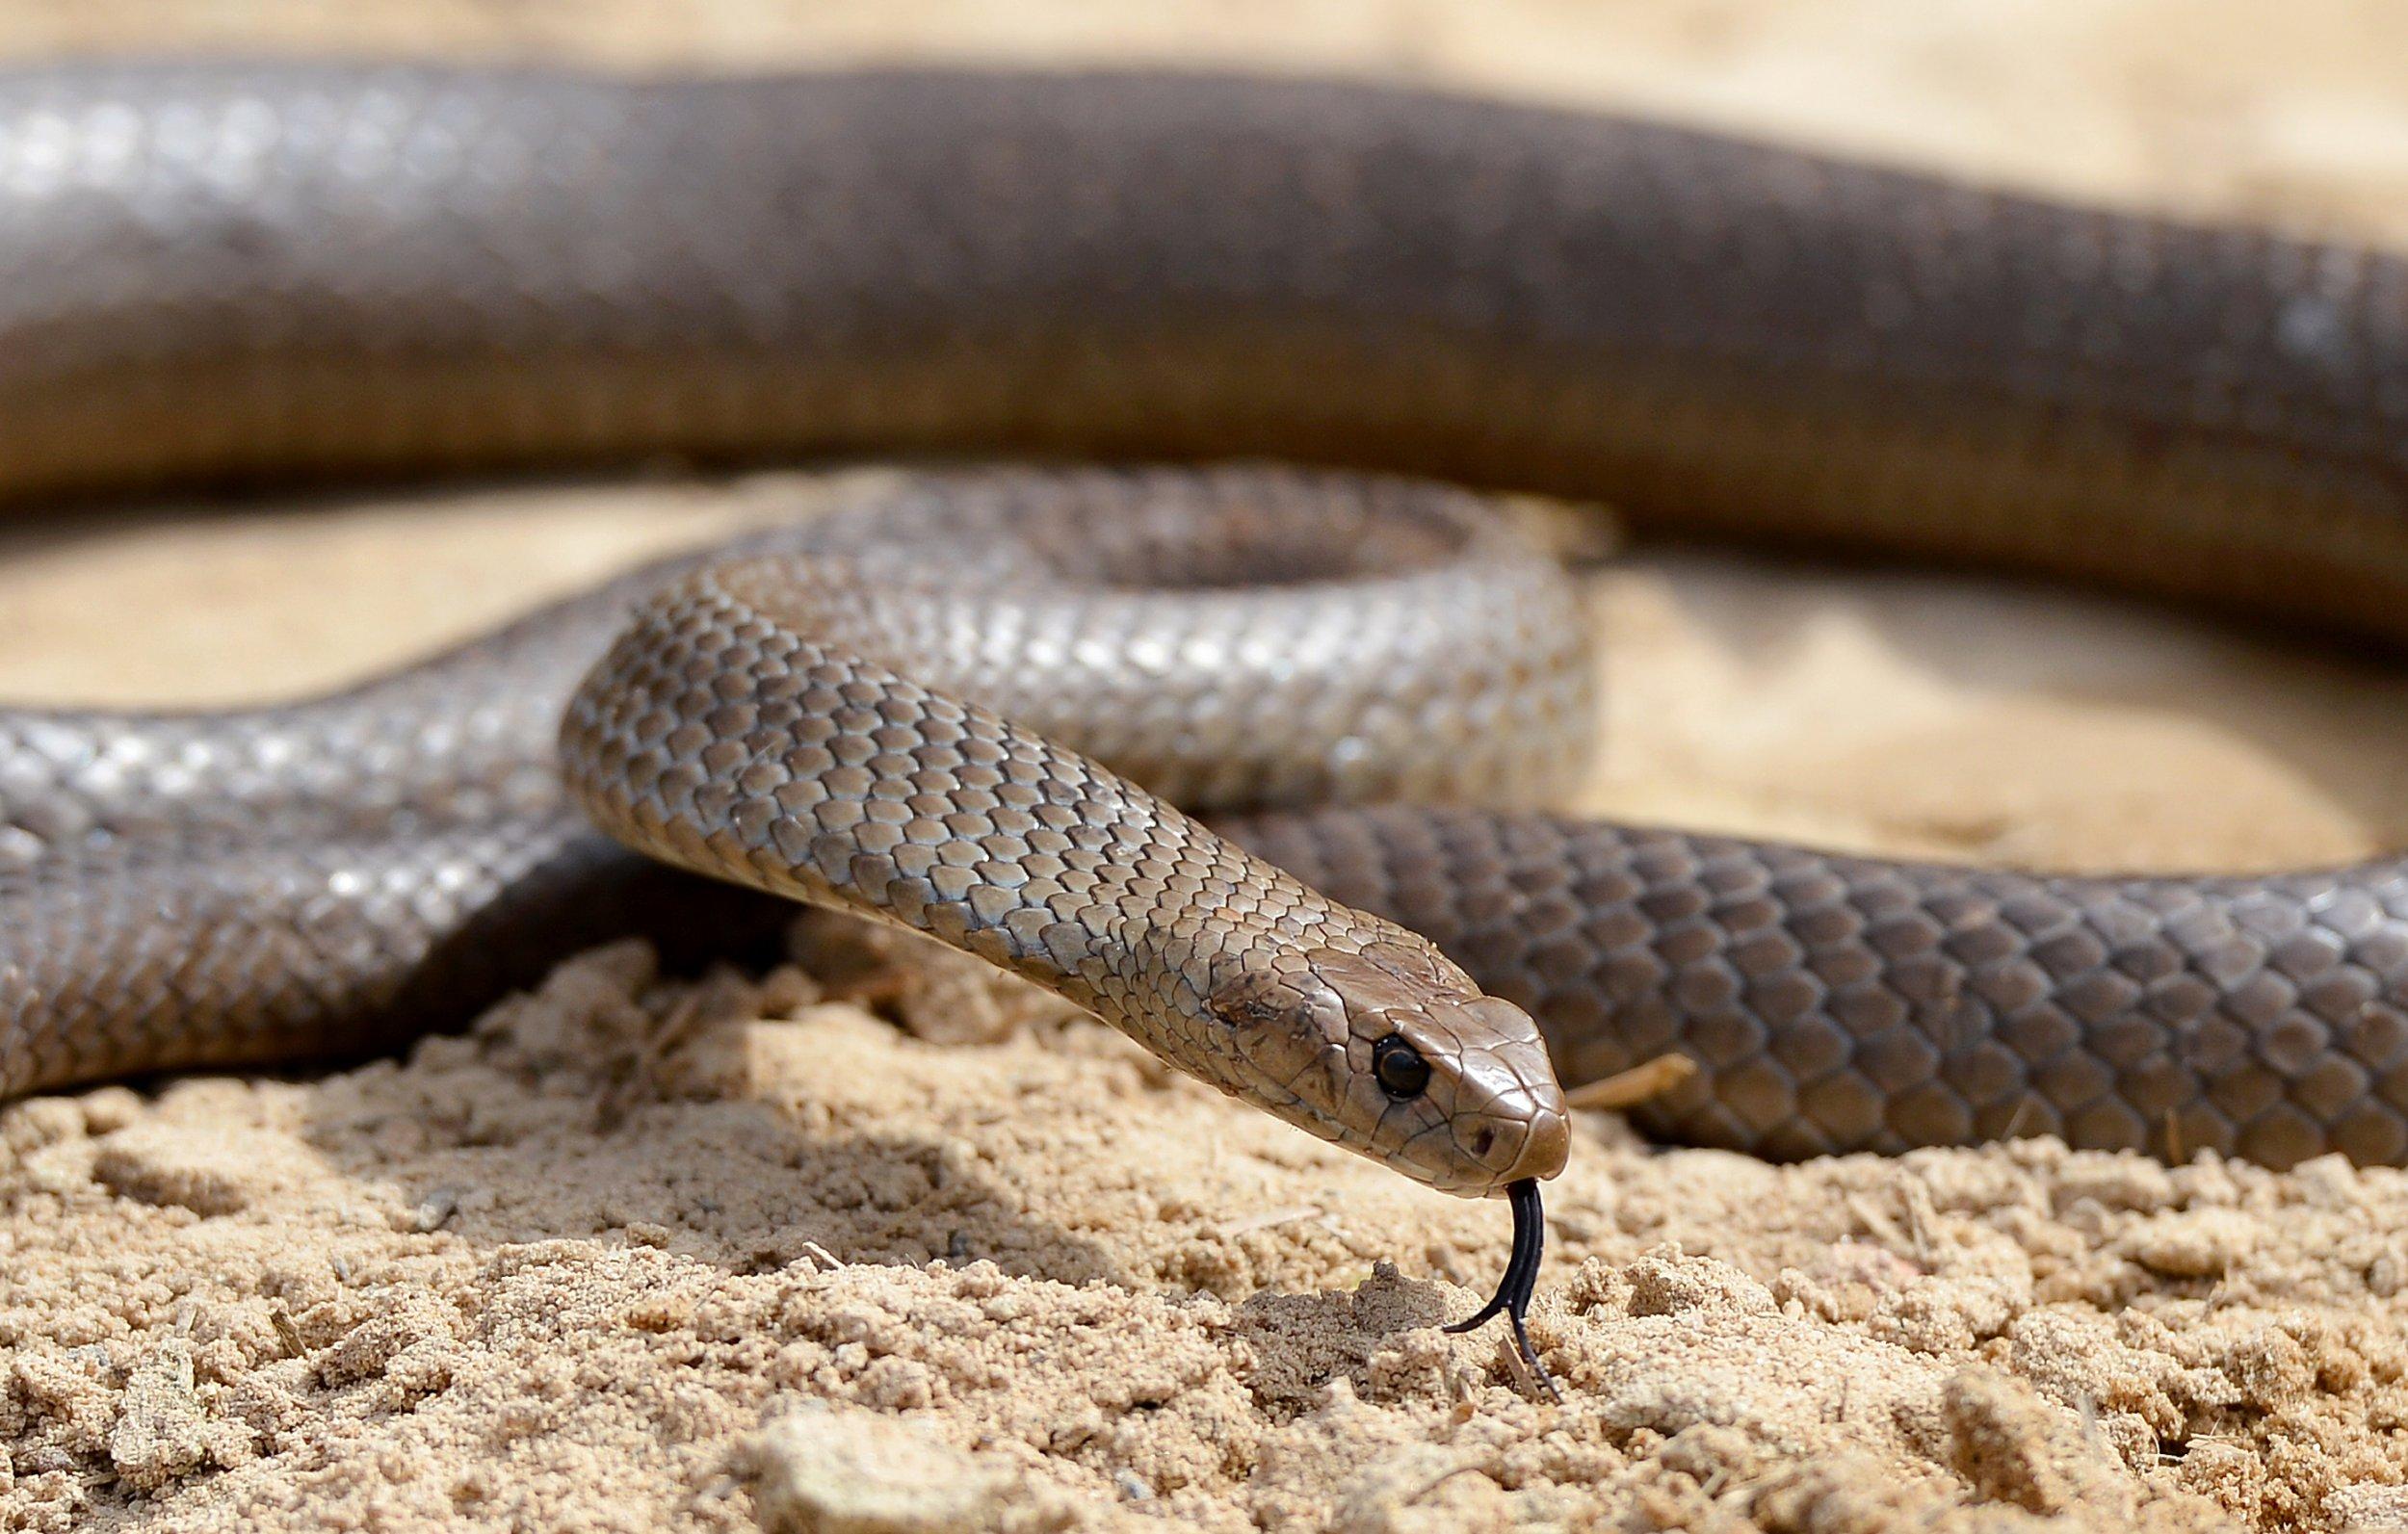 01_02_snake